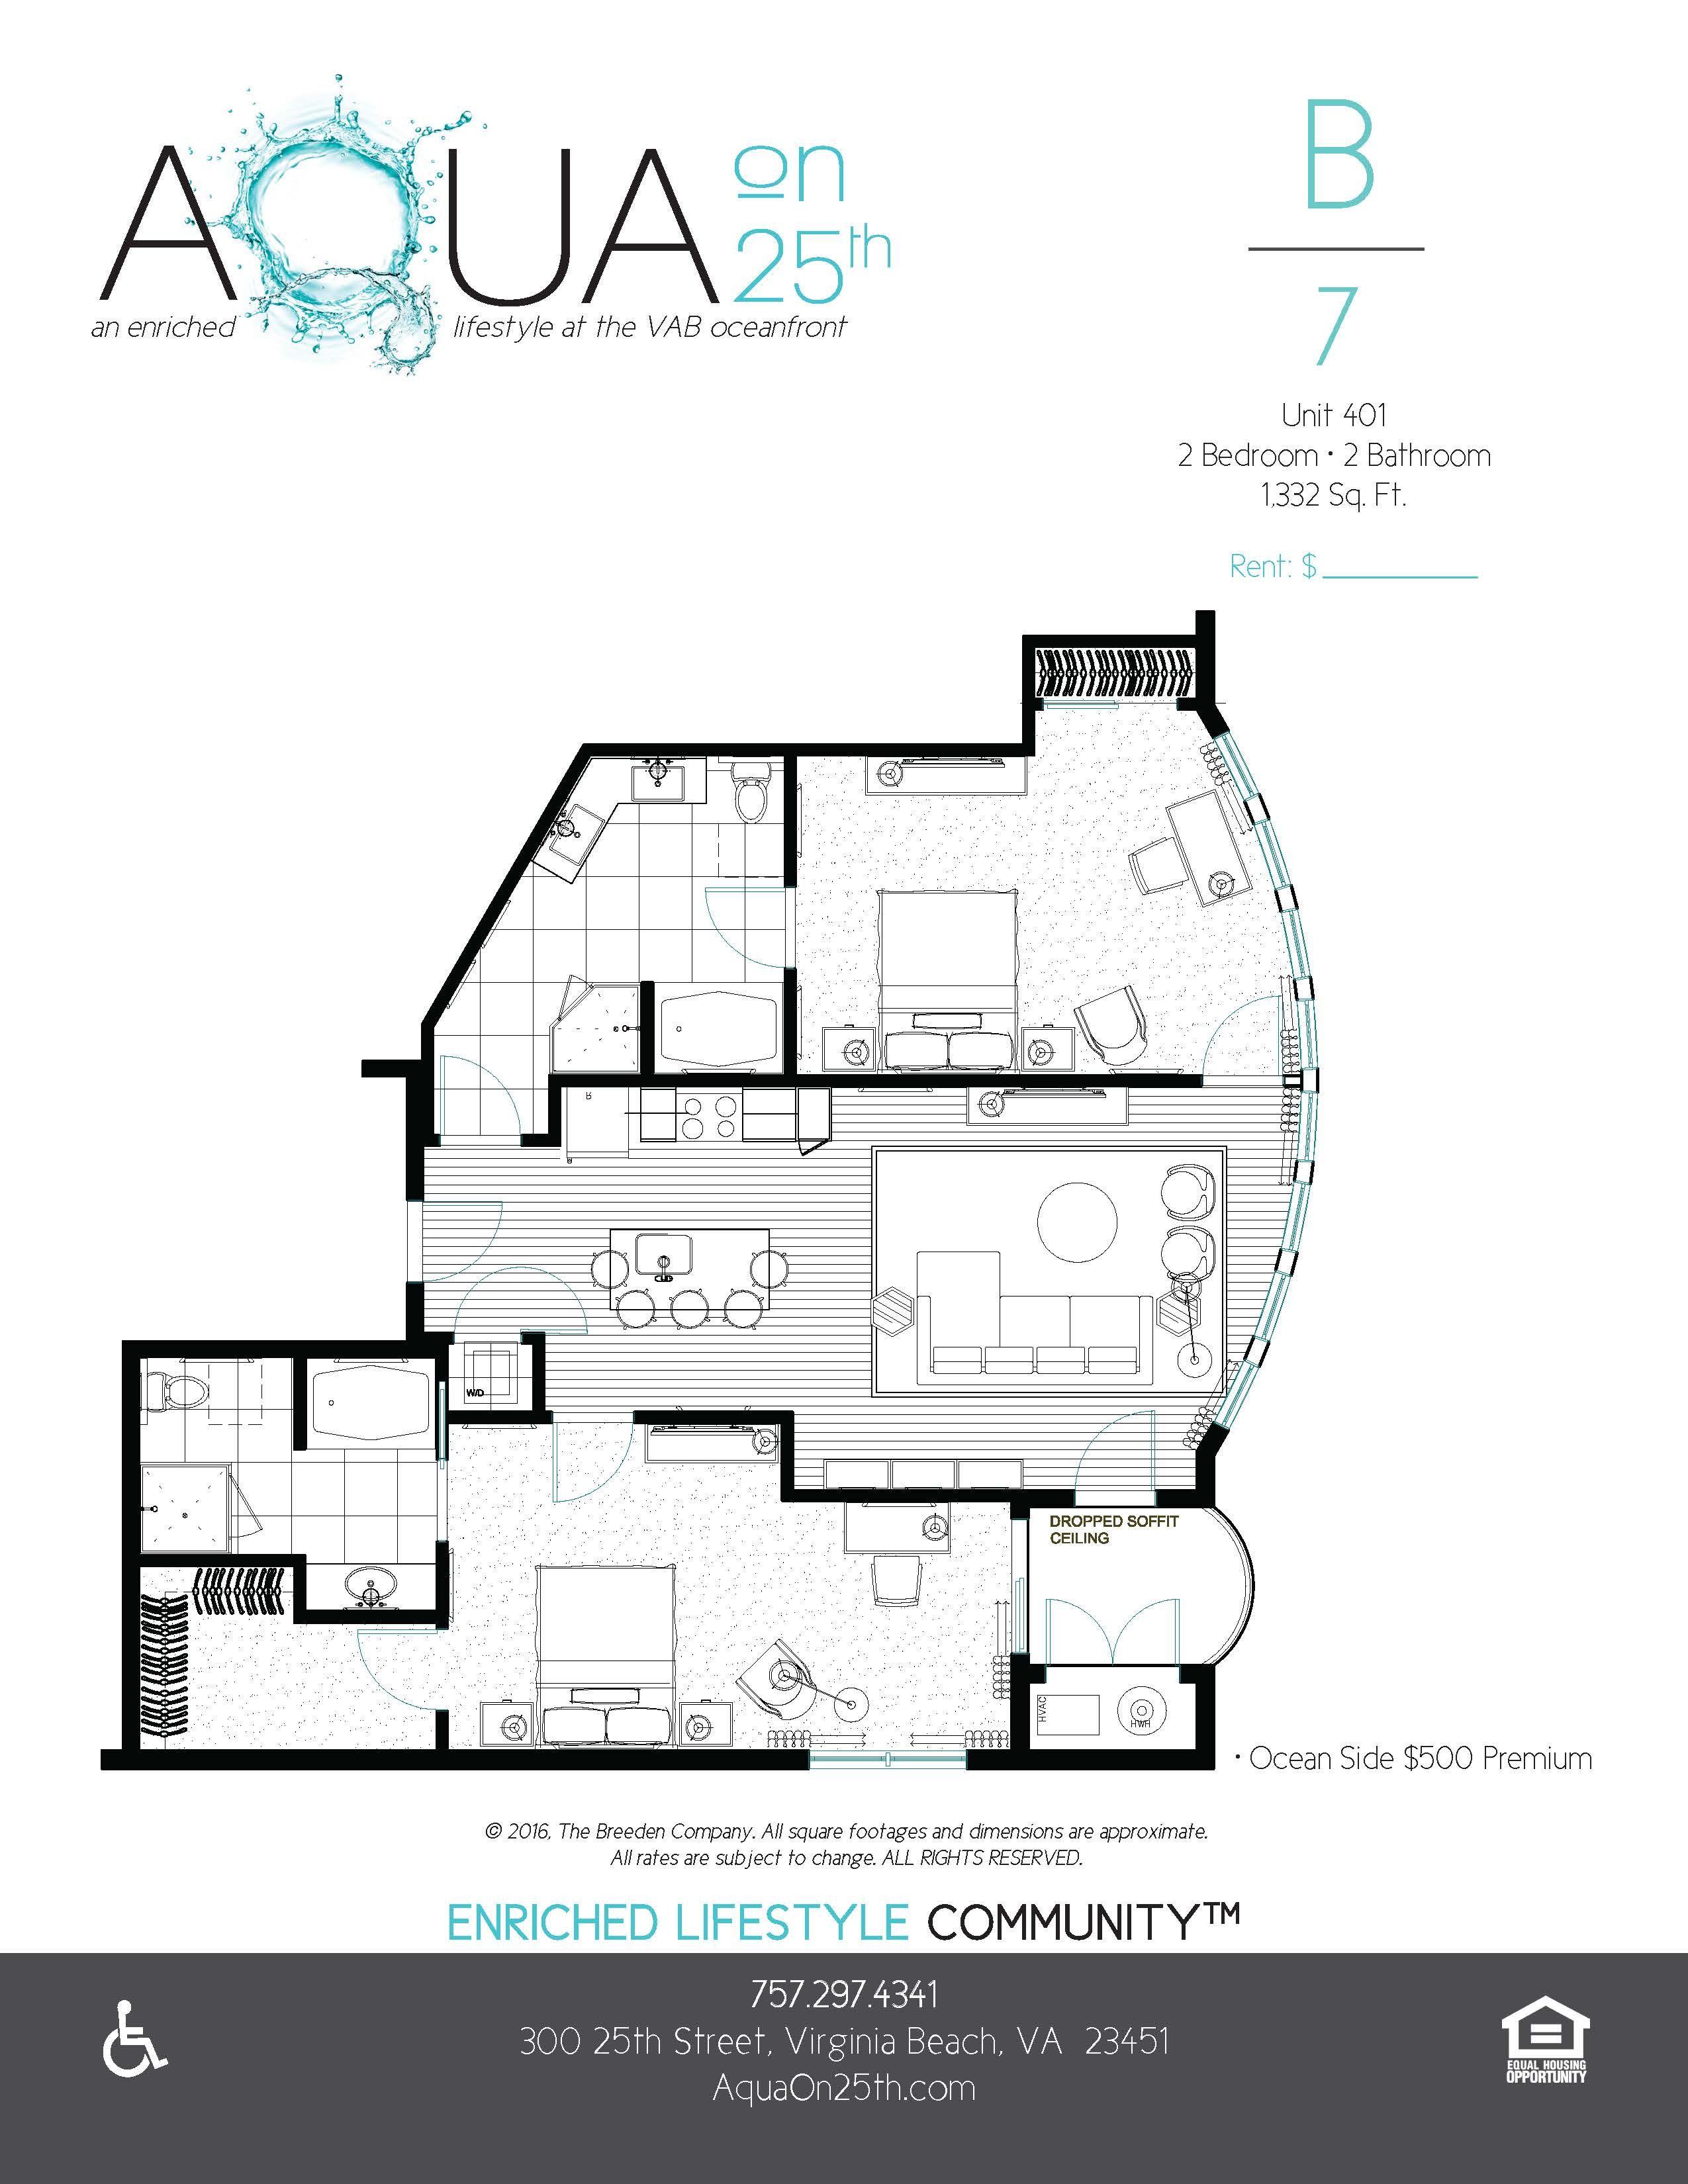 Apartment floor plans image by aqua on 25th on floorplans